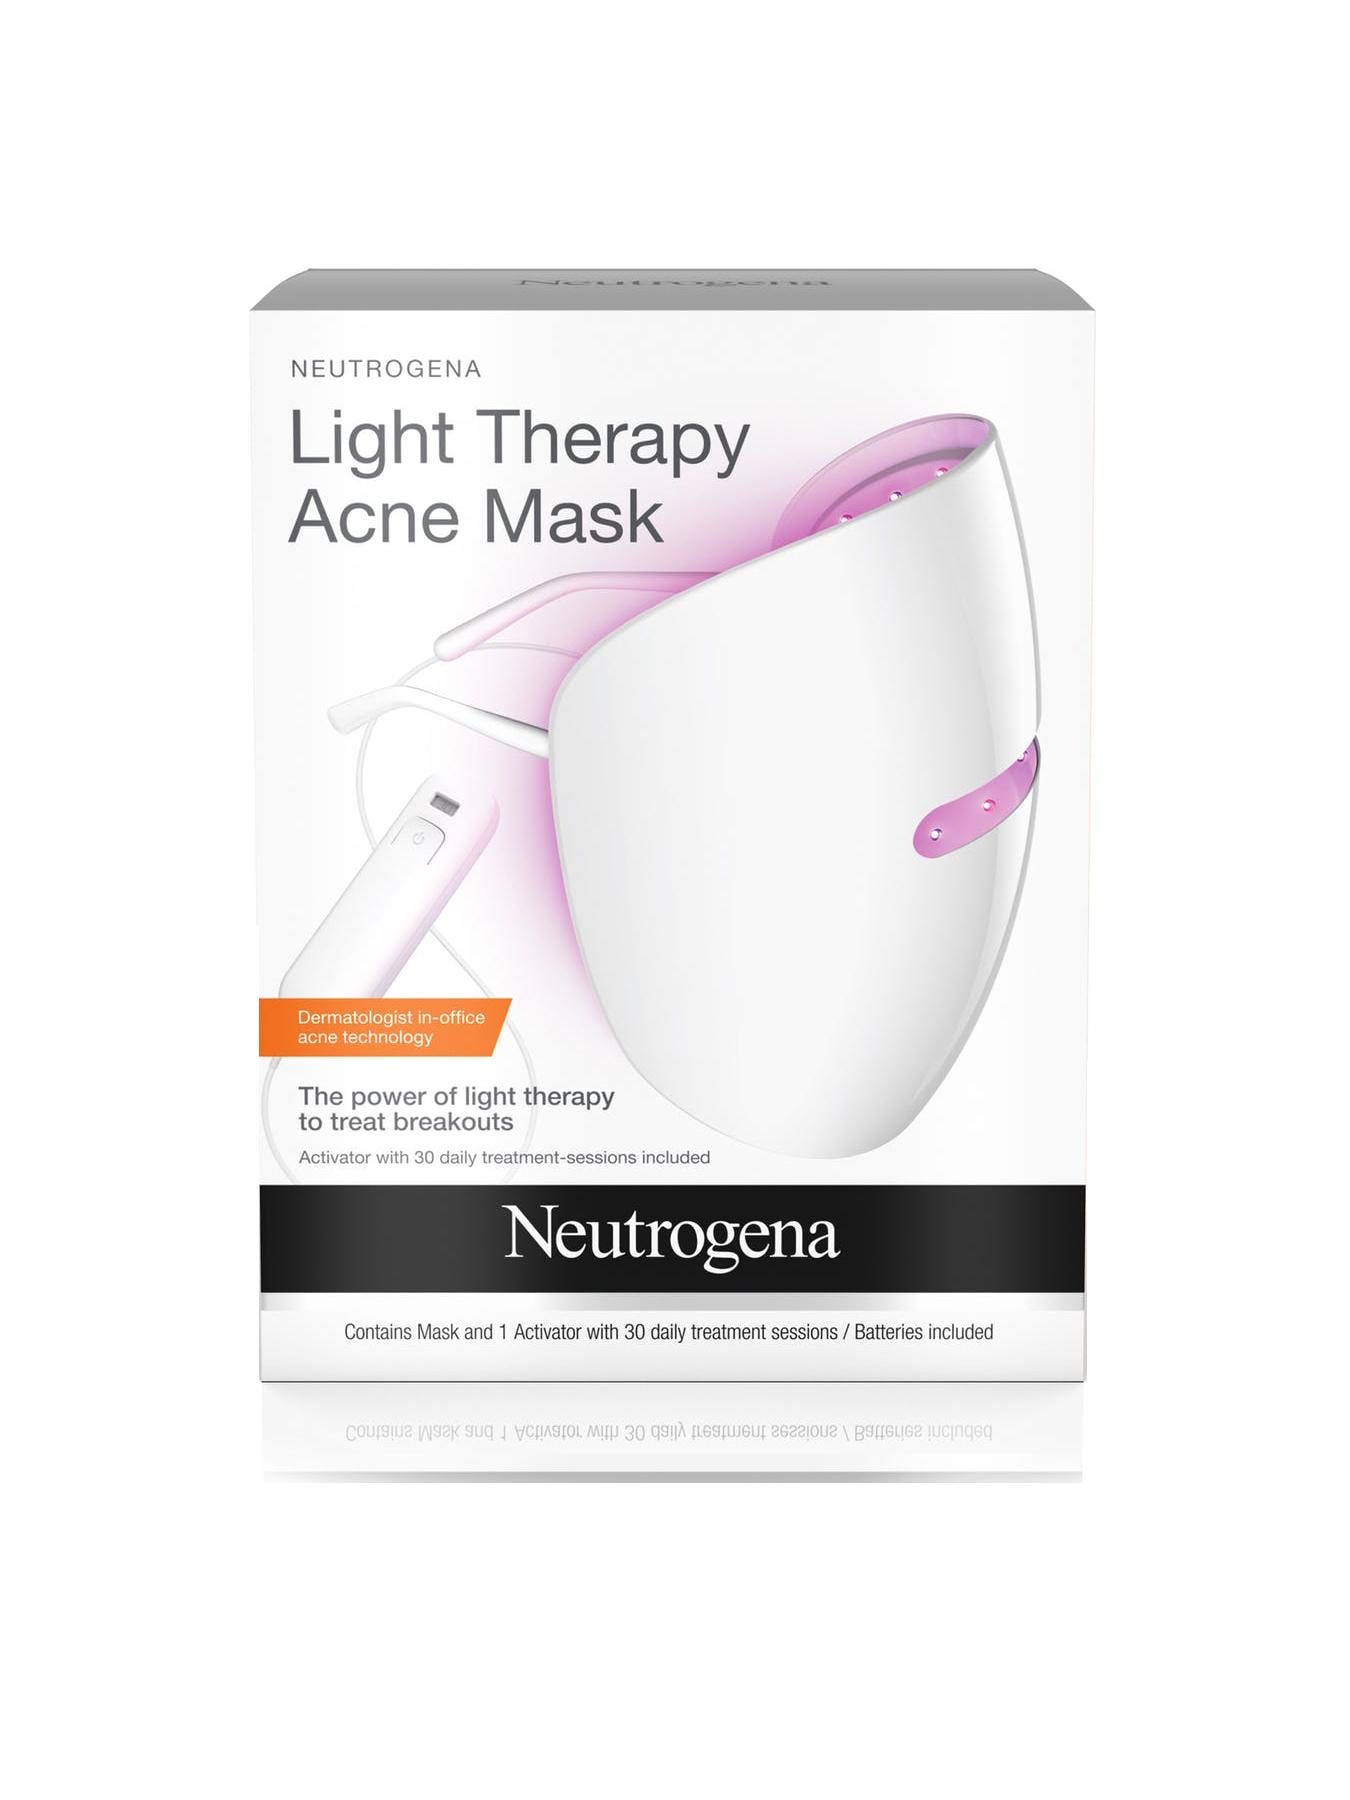 Herramienta anti acné